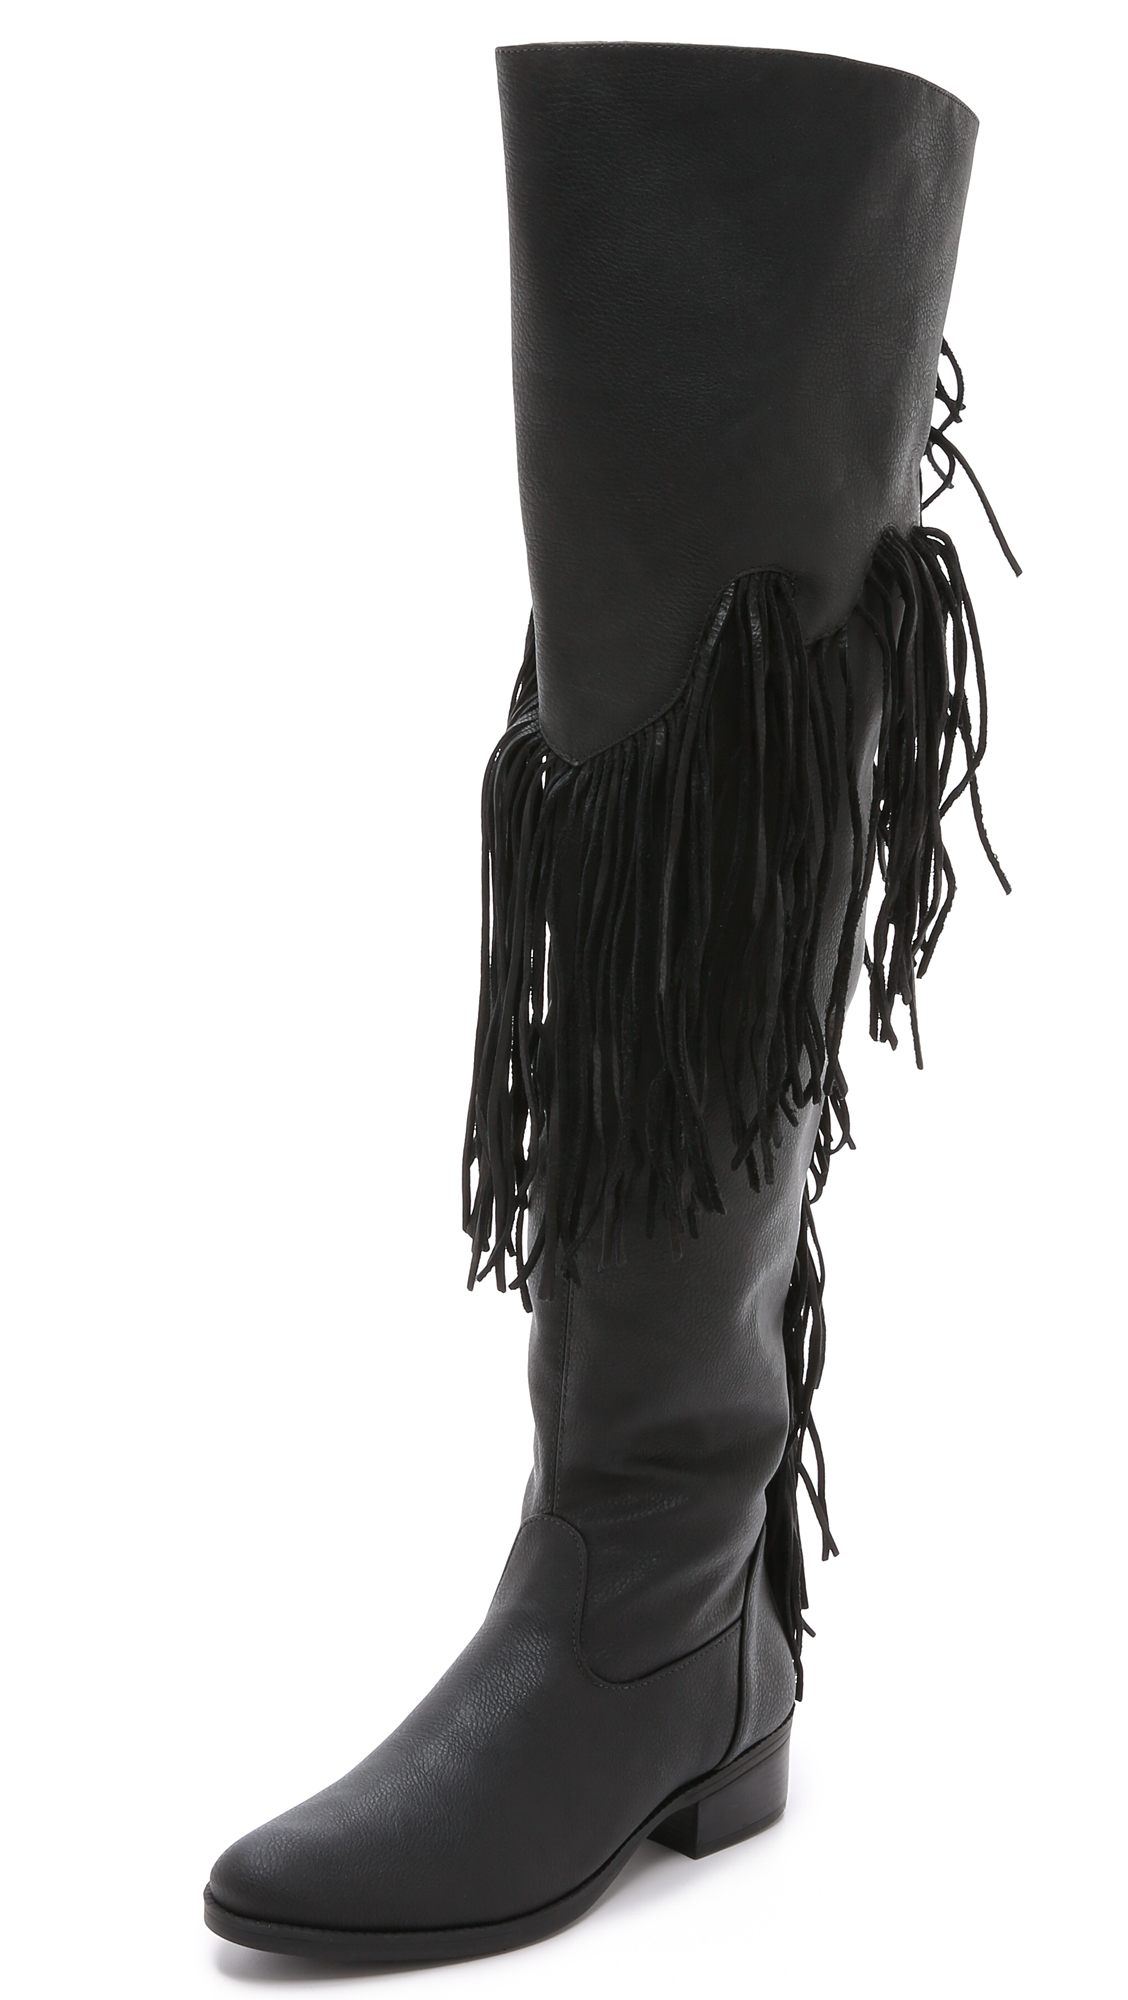 Schutz Kin Tall Fringe Boots - Black in Black | Lyst